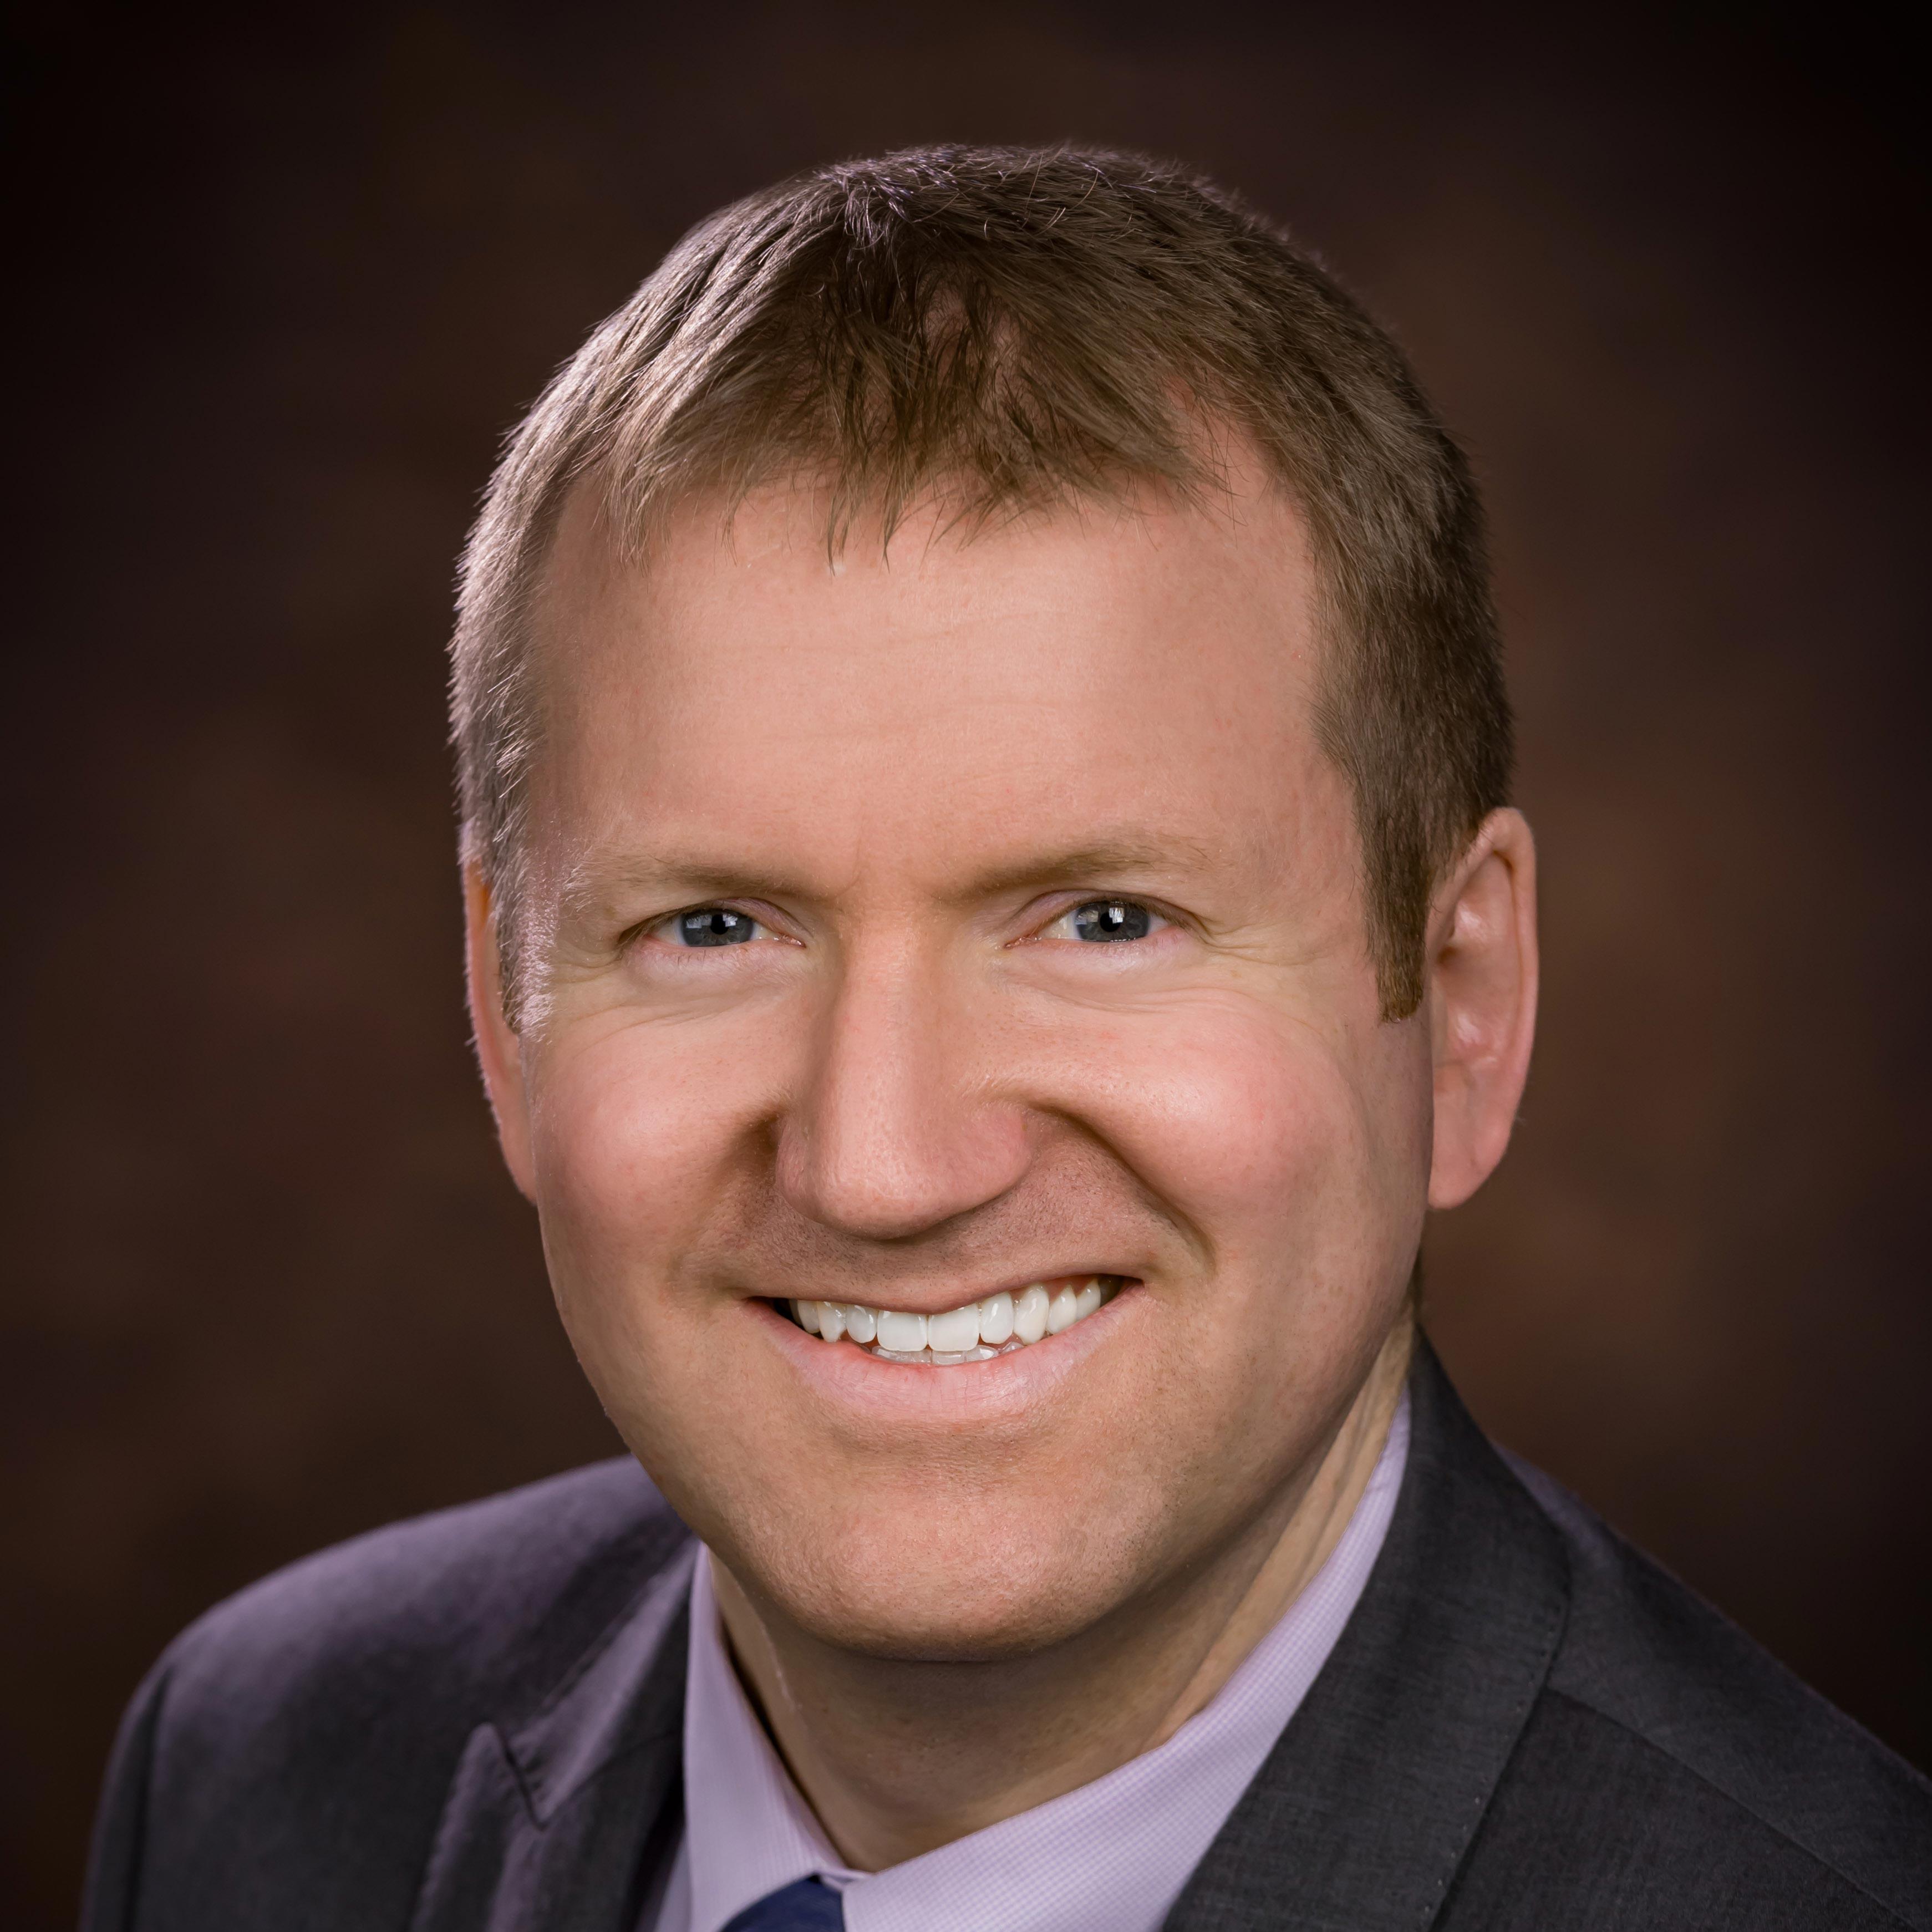 Photo of Matt Chorpening